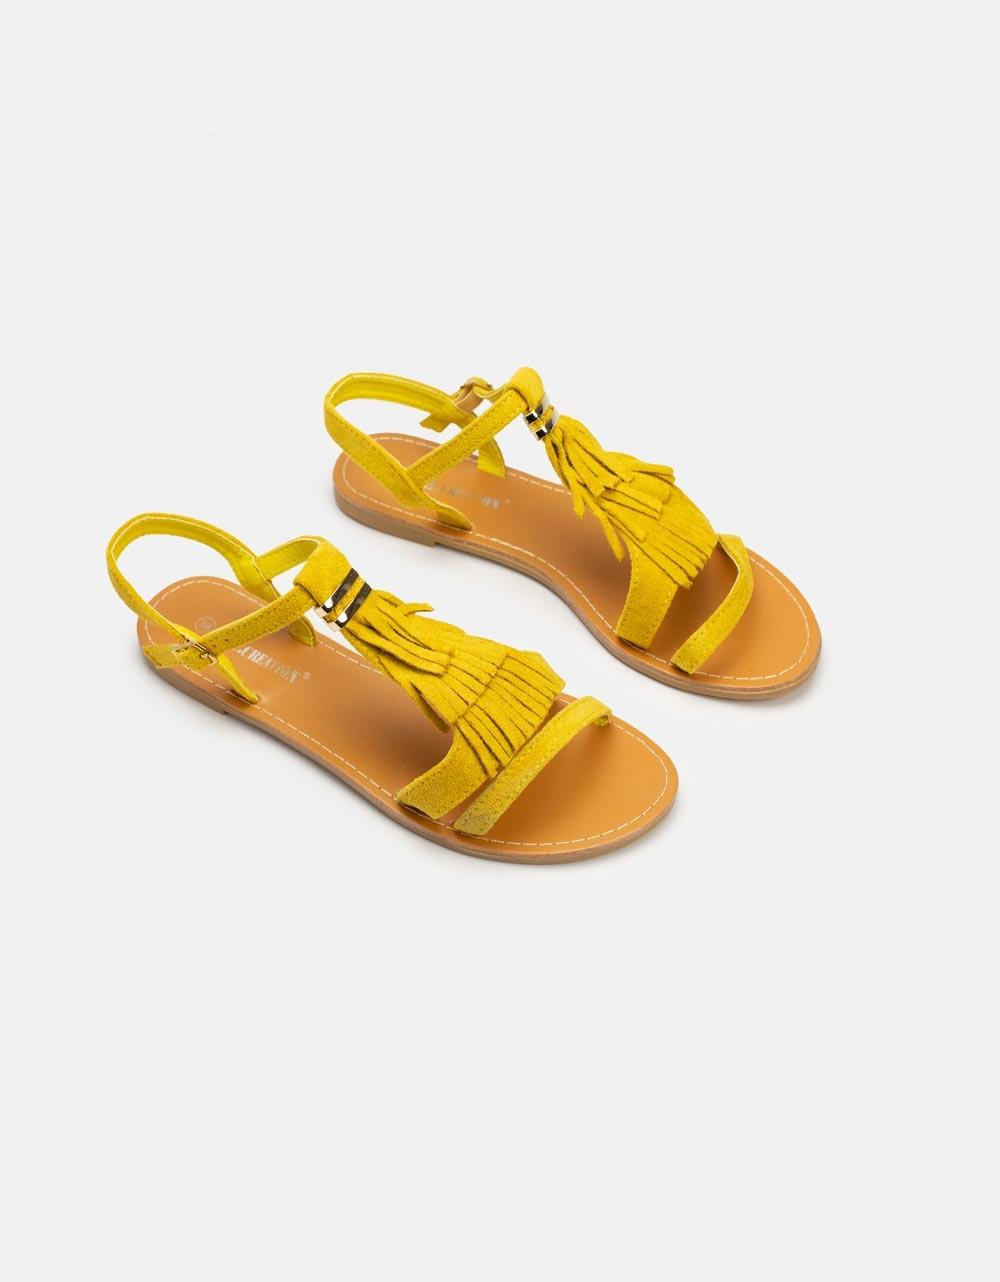 Εικόνα από Γυναικεία σανδάλια με κρόσσια Κίτρινο